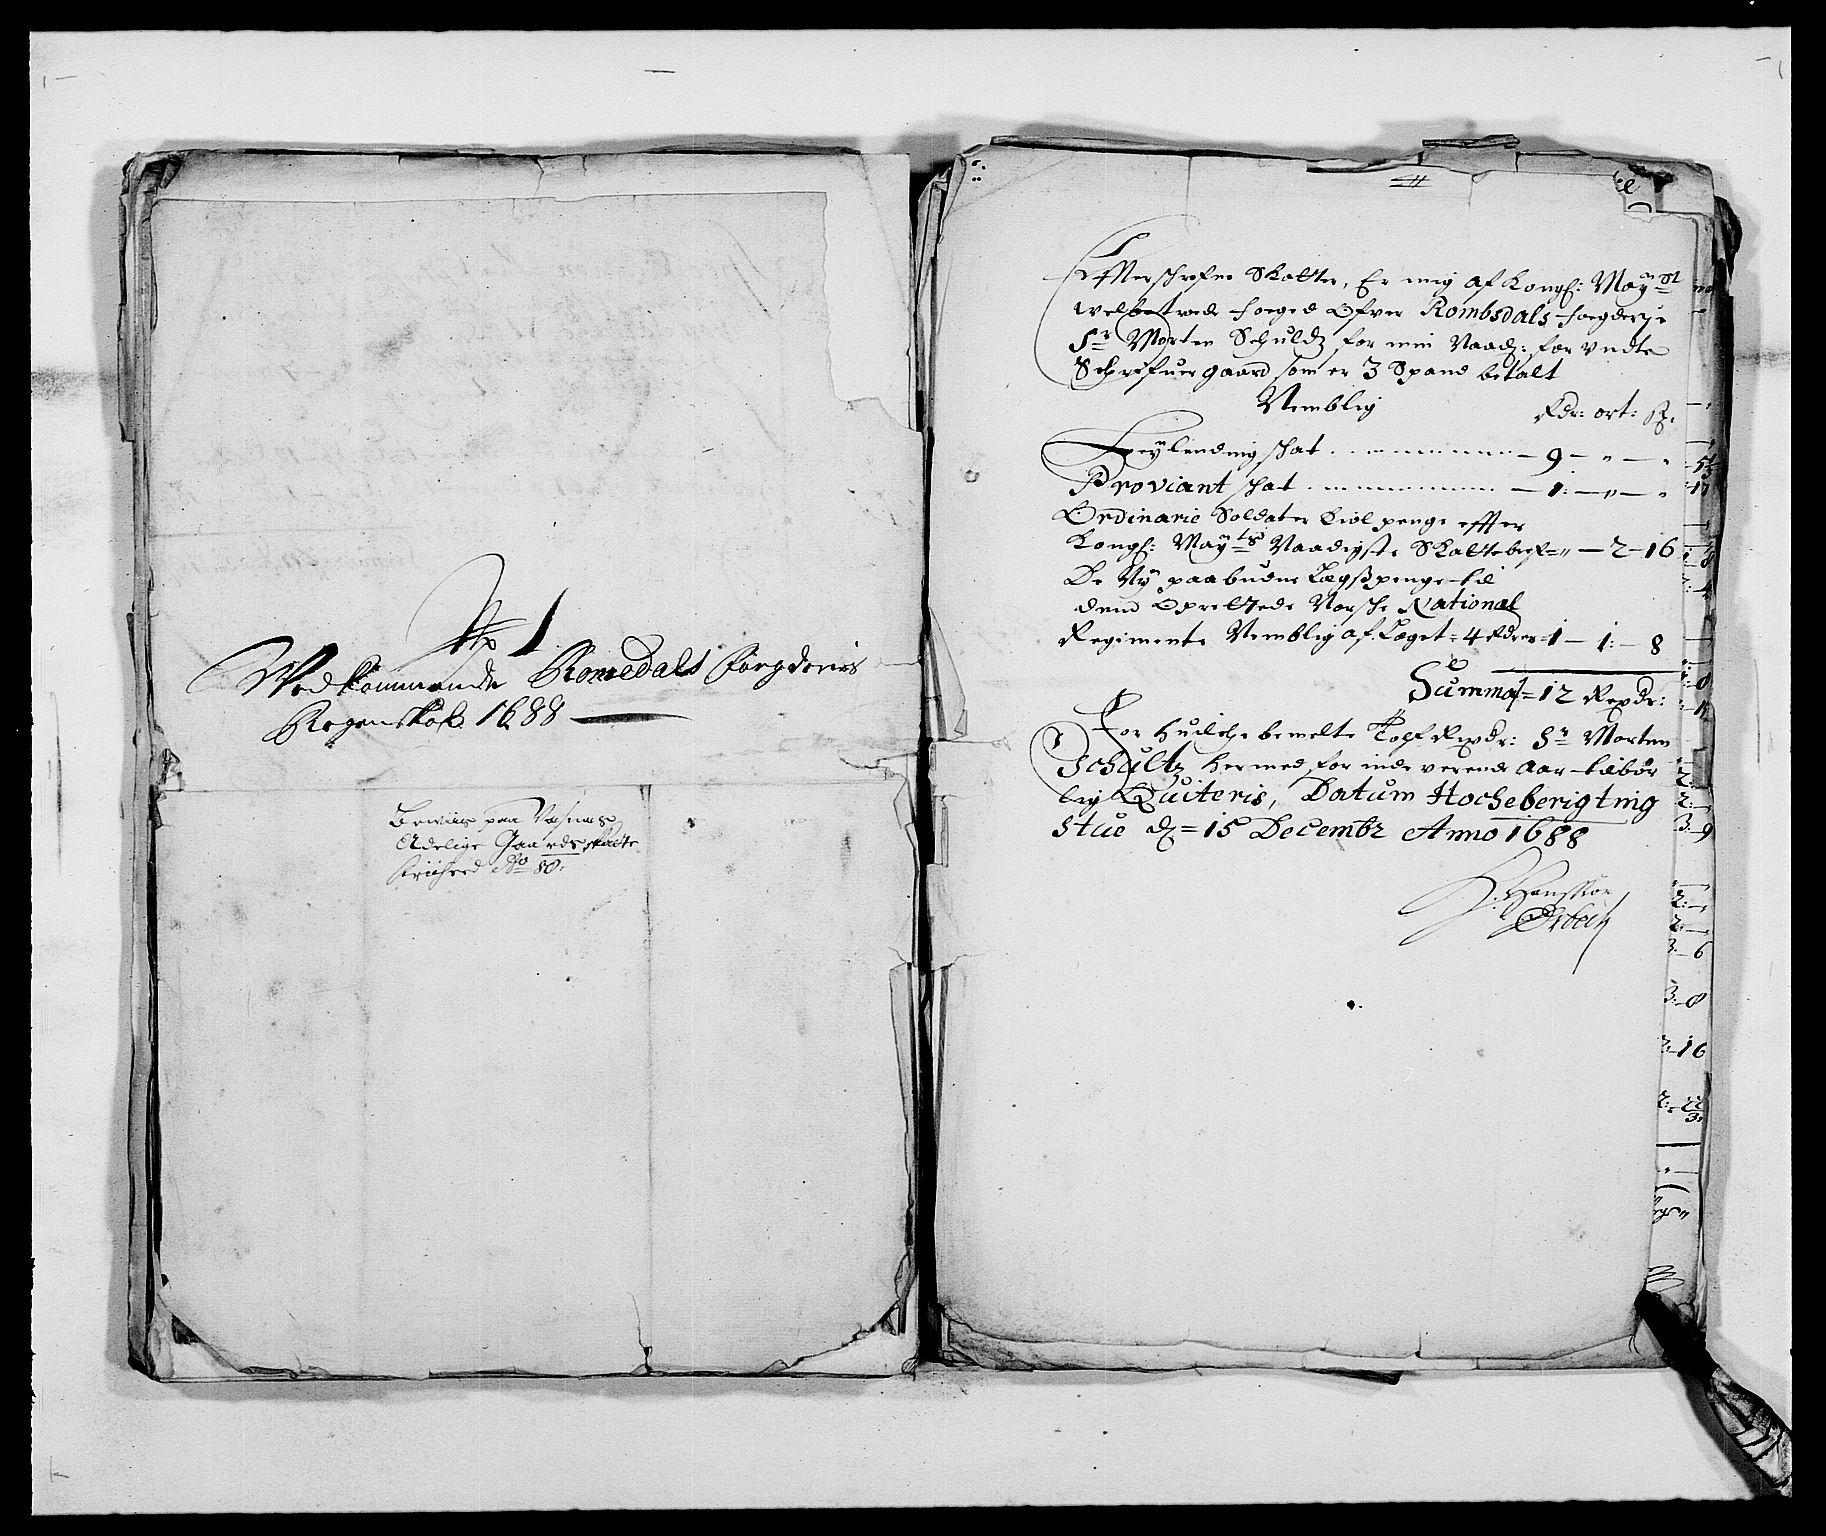 RA, Rentekammeret inntil 1814, Reviderte regnskaper, Fogderegnskap, R55/L3648: Fogderegnskap Romsdal, 1687-1689, s. 291